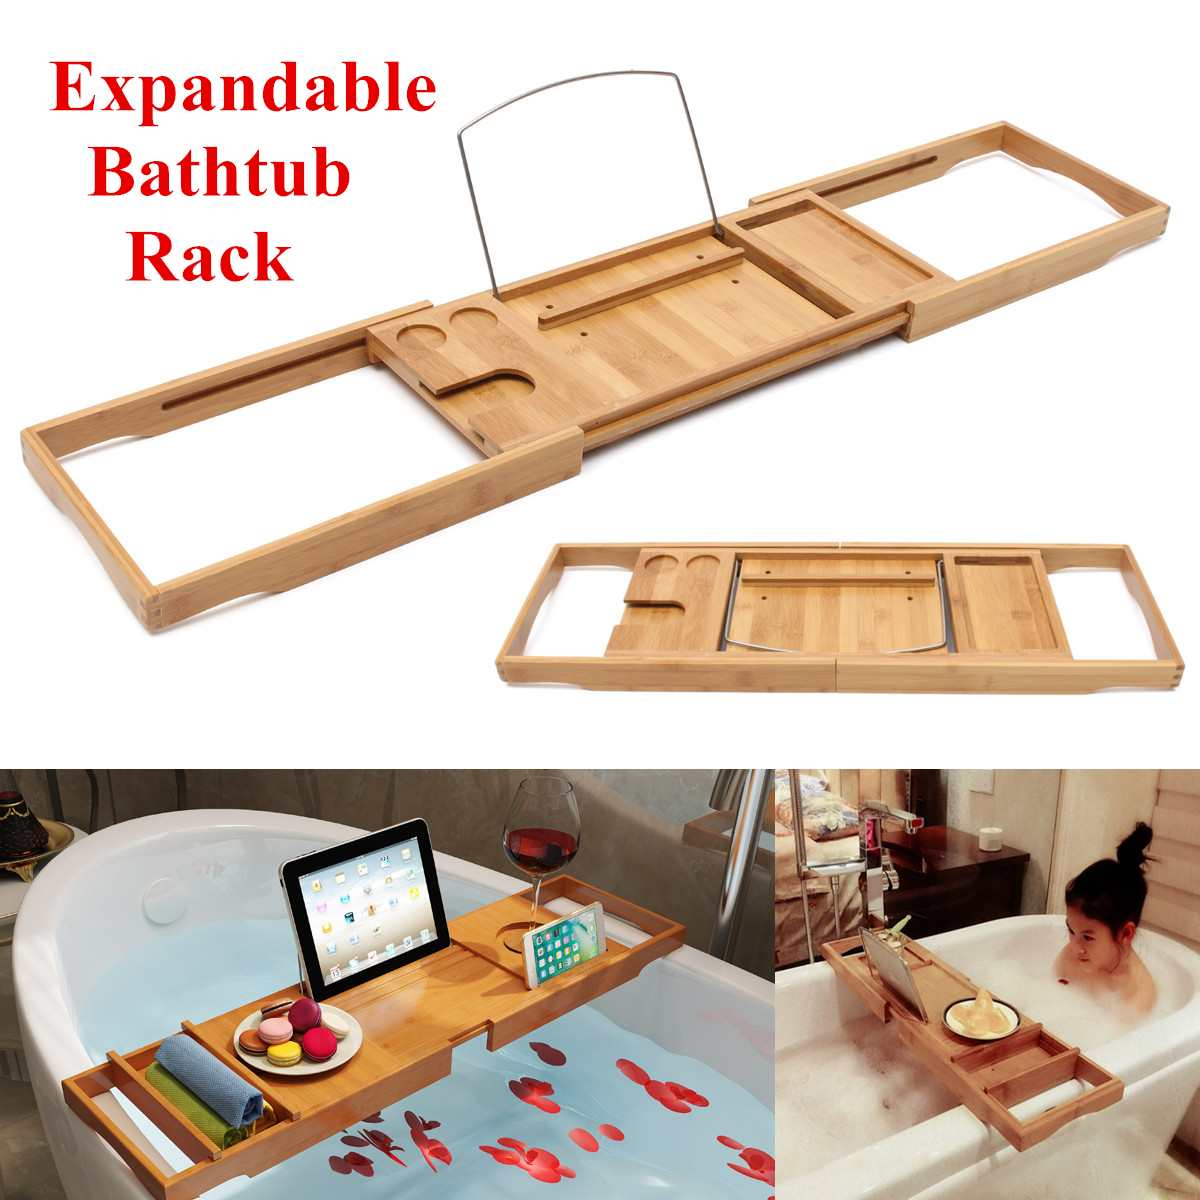 105X22X4cm Retractable Bamboo Bathtub Tray Wooden Storage Rack Caddy Shelf Tub Tray Holder Stand Bathroom Organizer Accessories